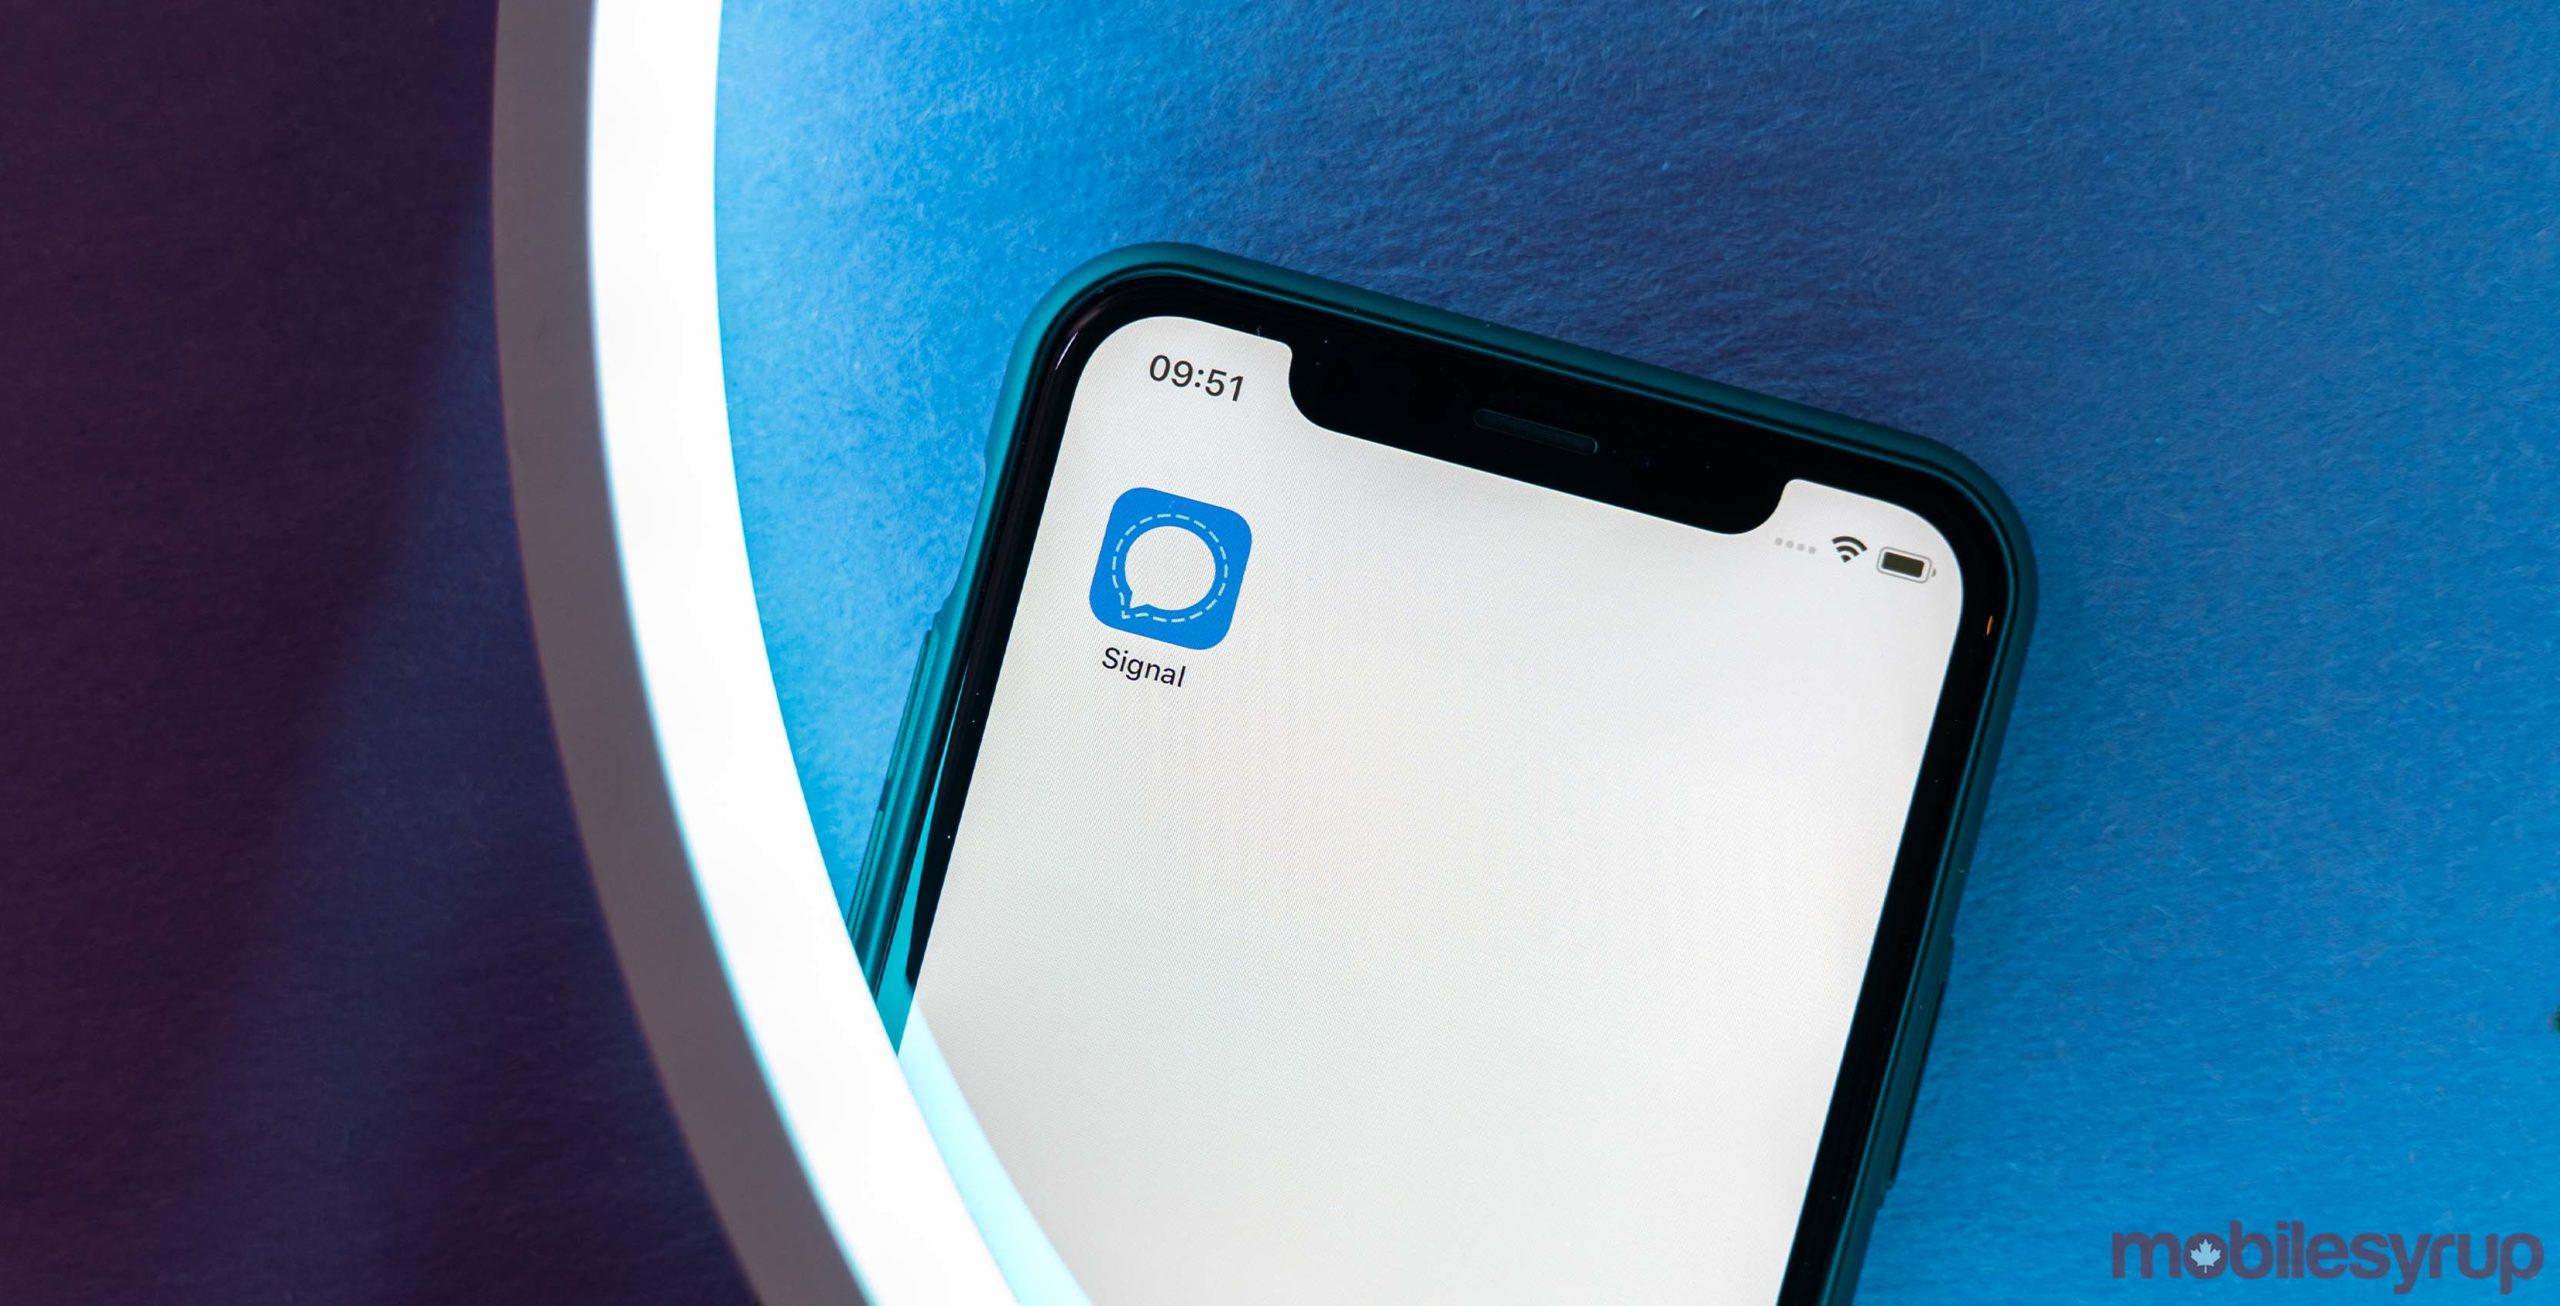 Signal app on iOS